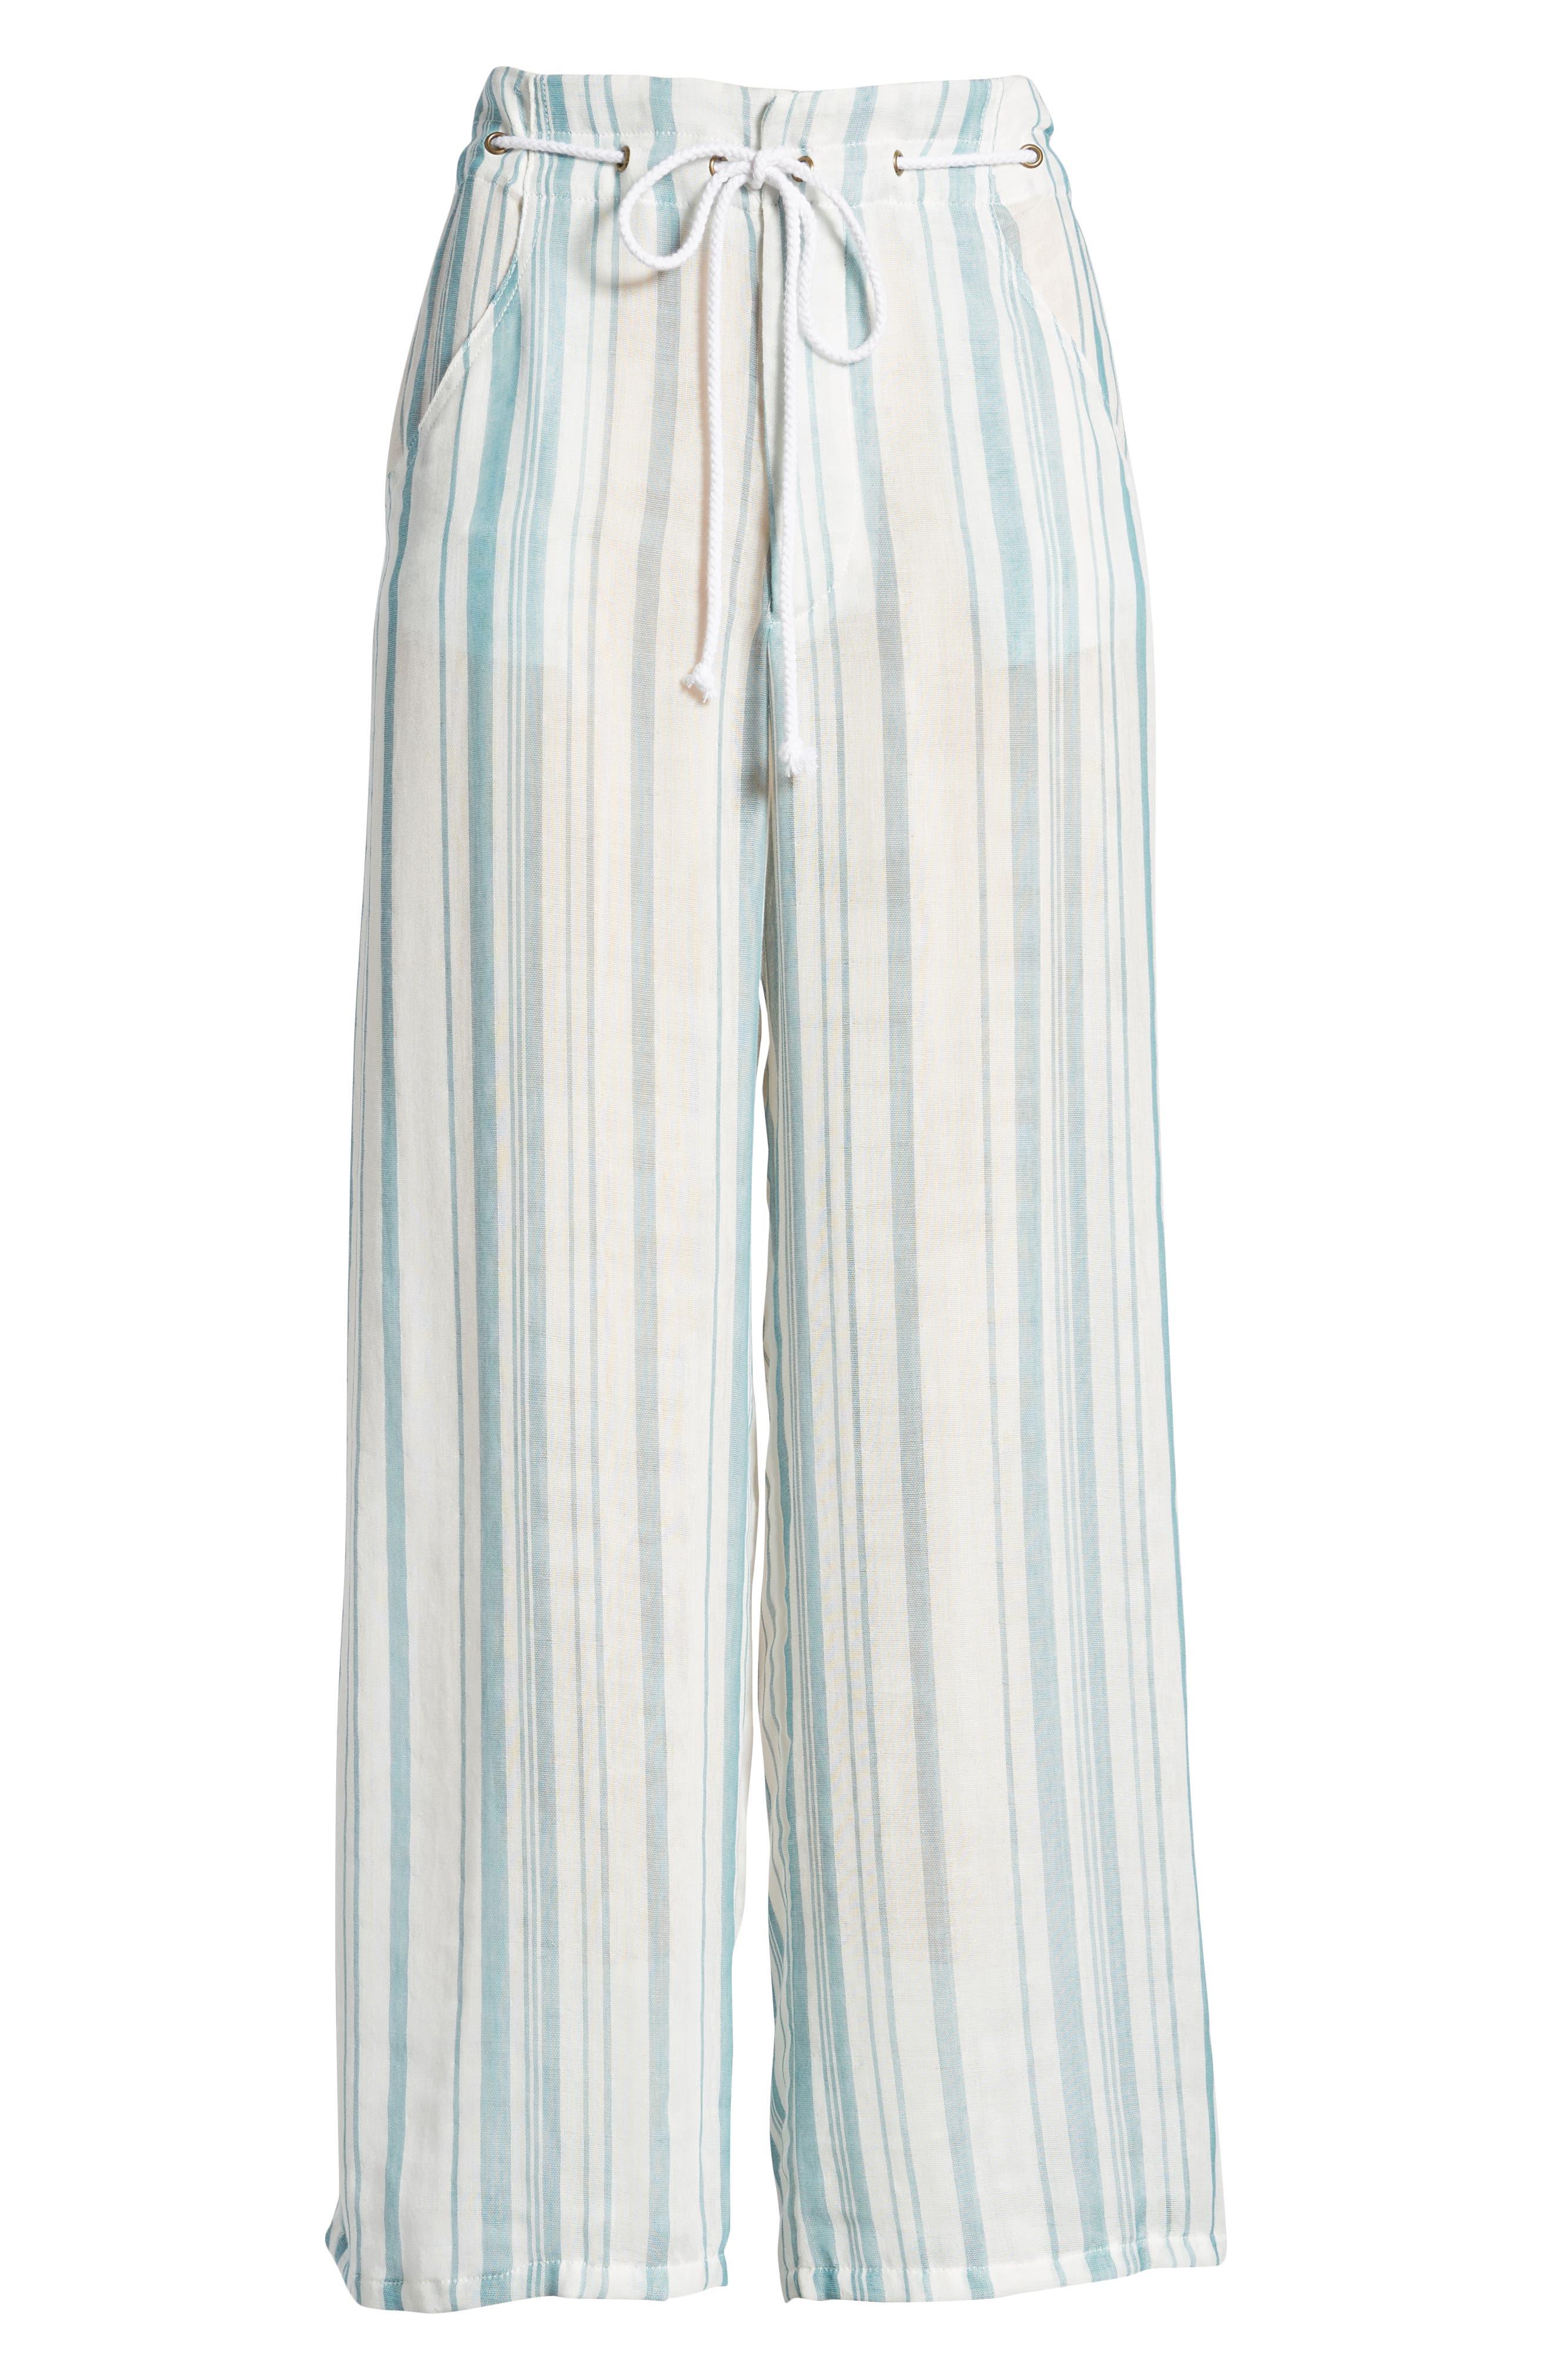 Peterson Wide Leg Pants,                             Alternate thumbnail 10, color,                             Point Dume Stripe